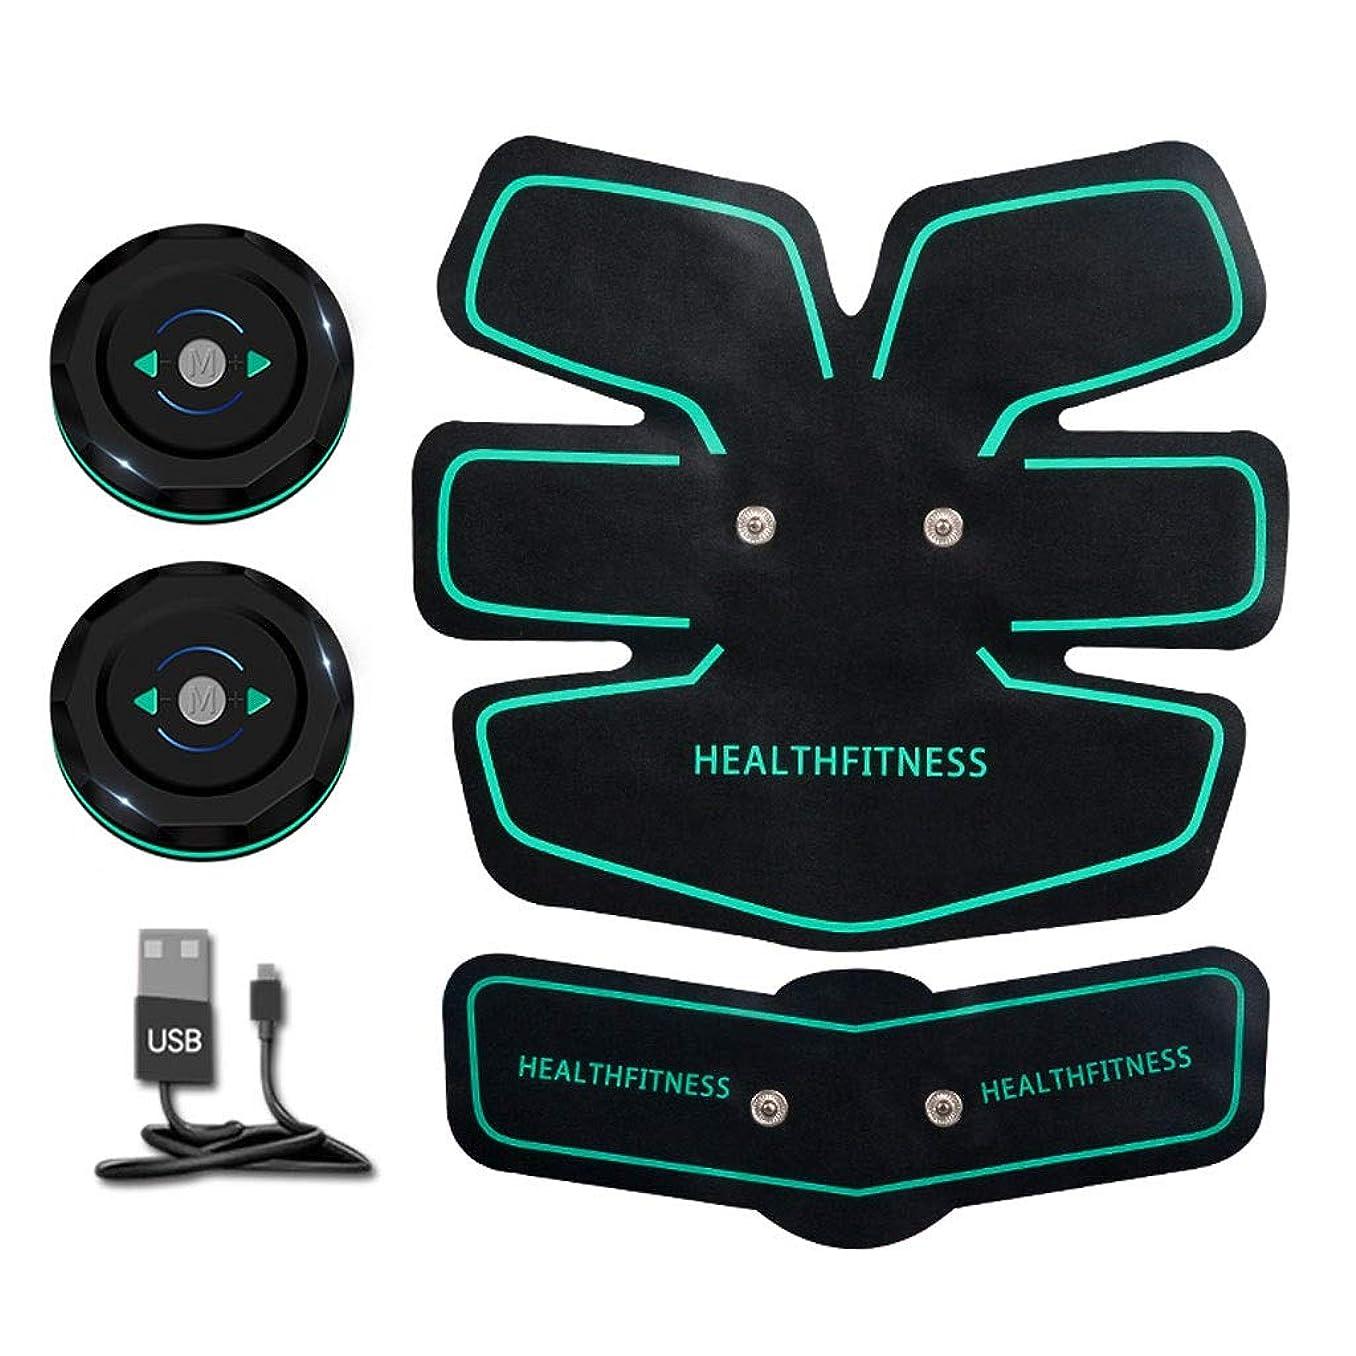 間違えた上向きガイダンス刺激装置、腹部調子を整えるベルトマッスルトナーポータブルマッスルトレーナー、ボディマッスルフィットネストレーナー6モード9レベル簡単操作用腹部アーム (Color : Green, Size : A)